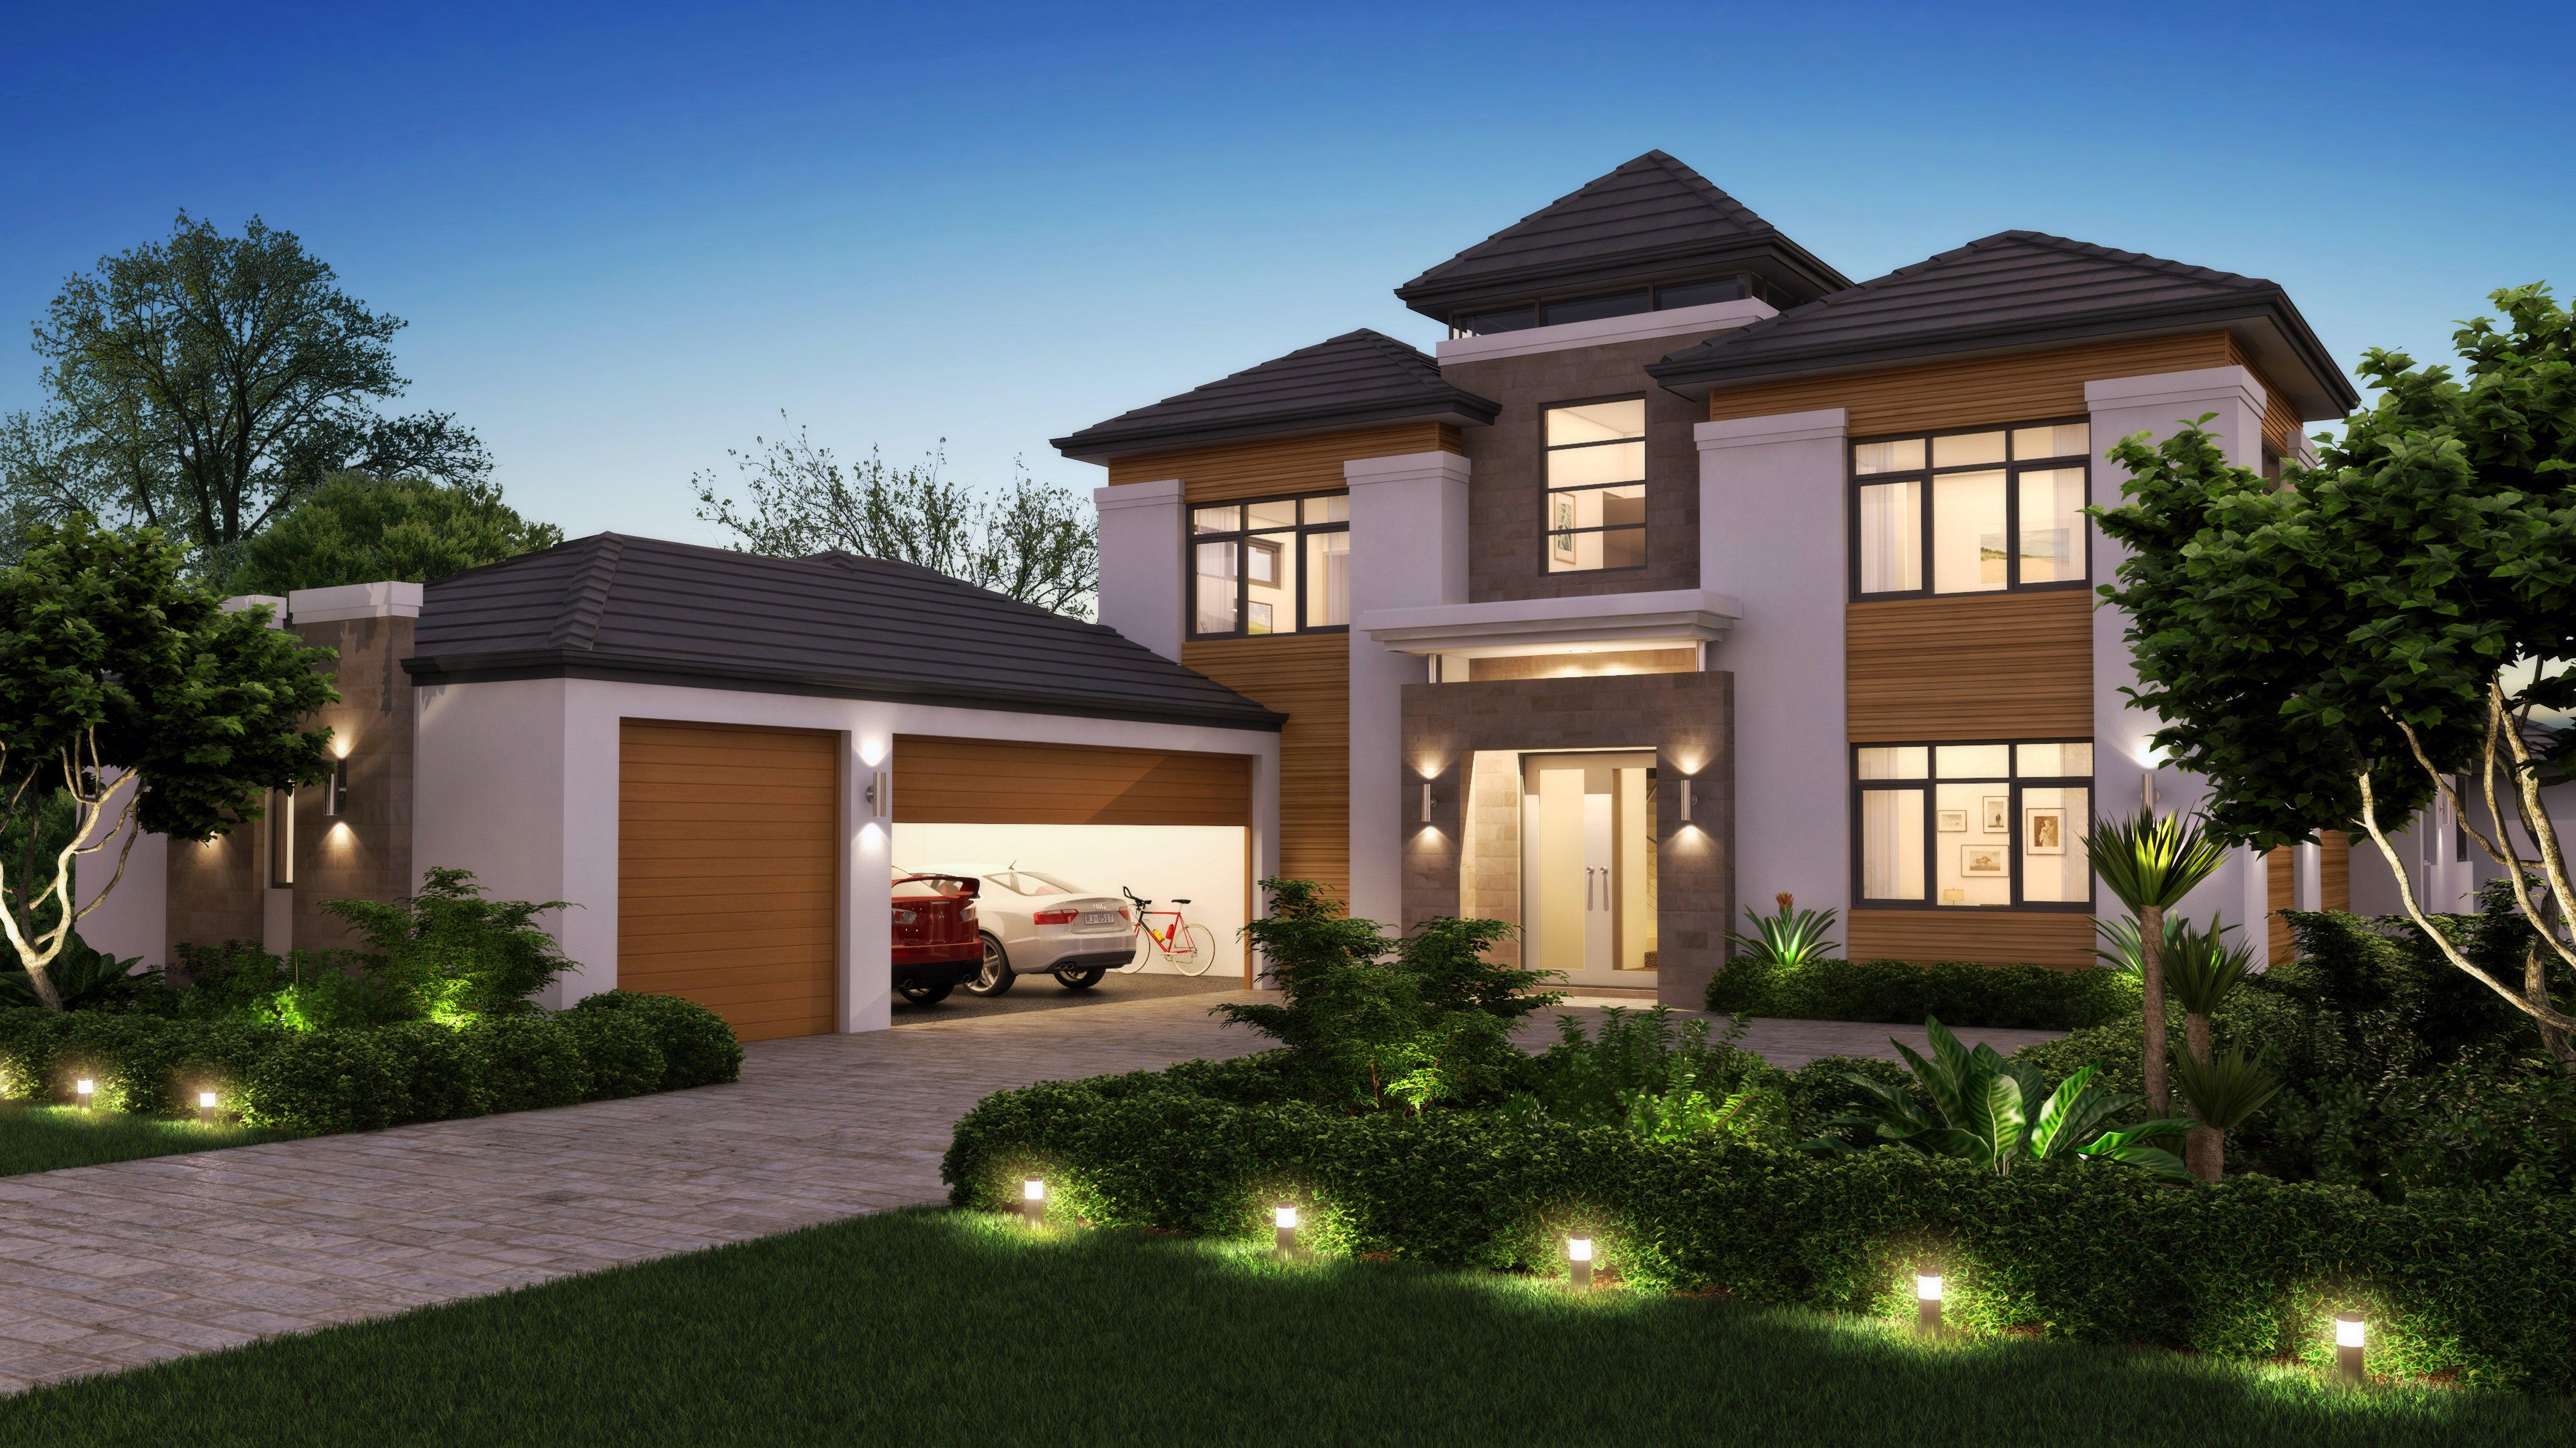 Applecross design construct residential for Residential home builder